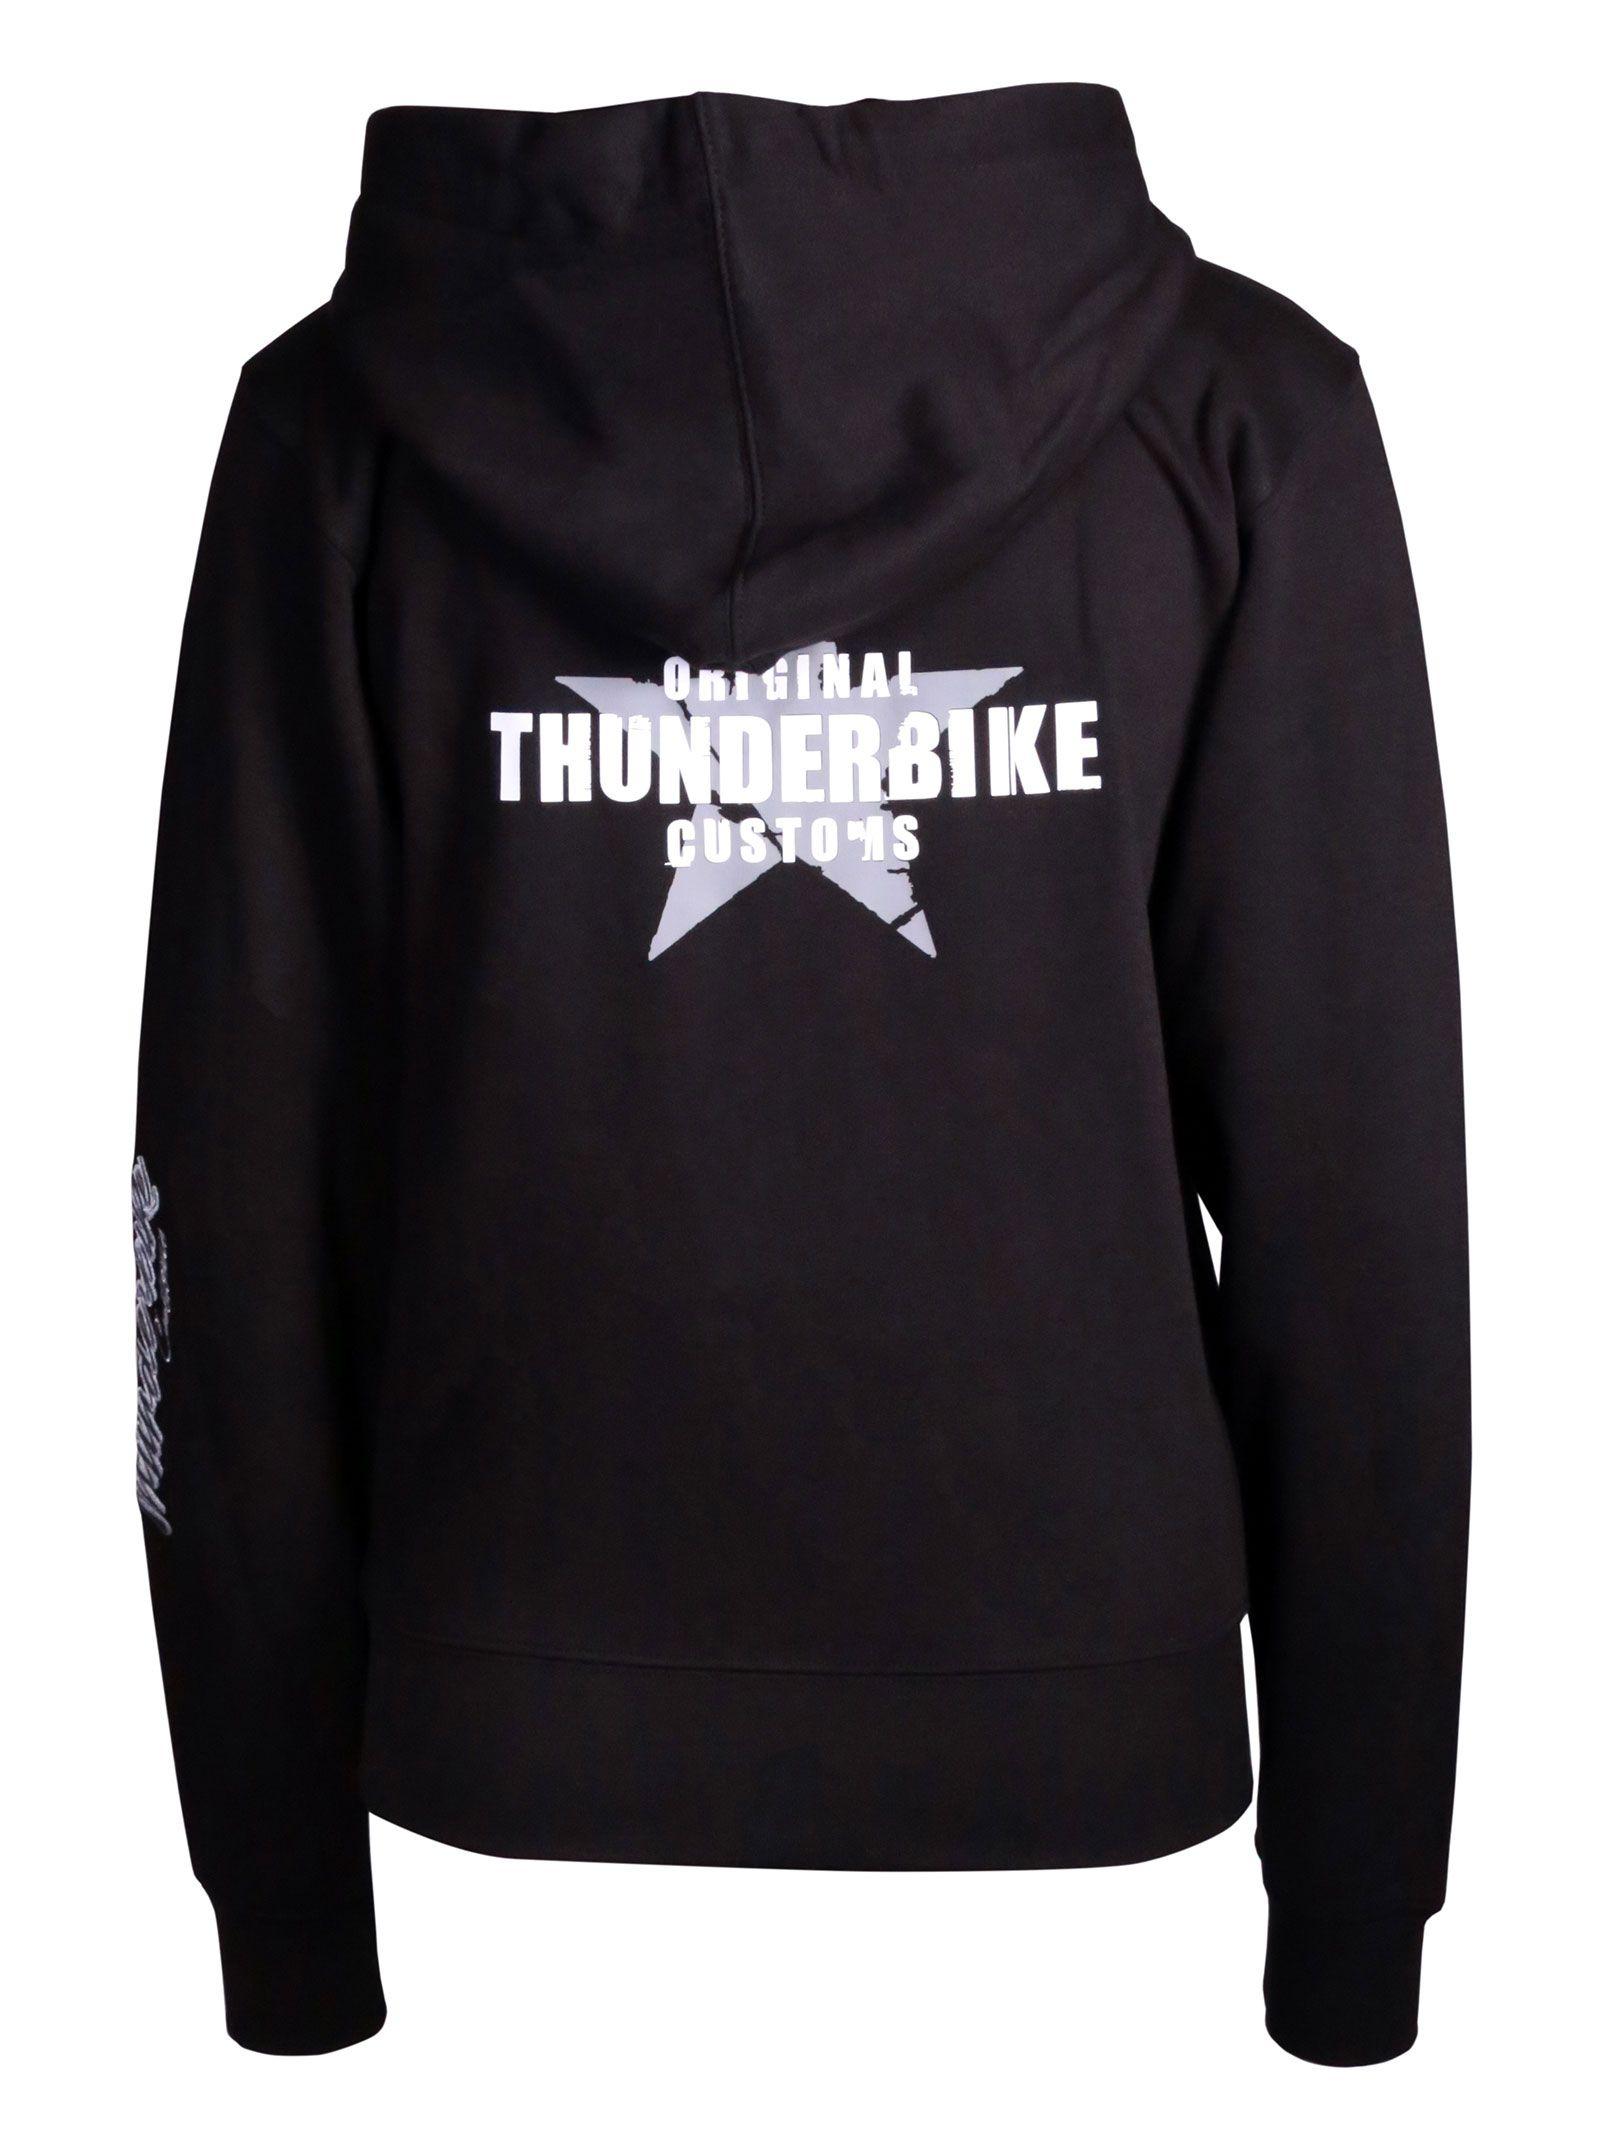 Custom zip hoodie